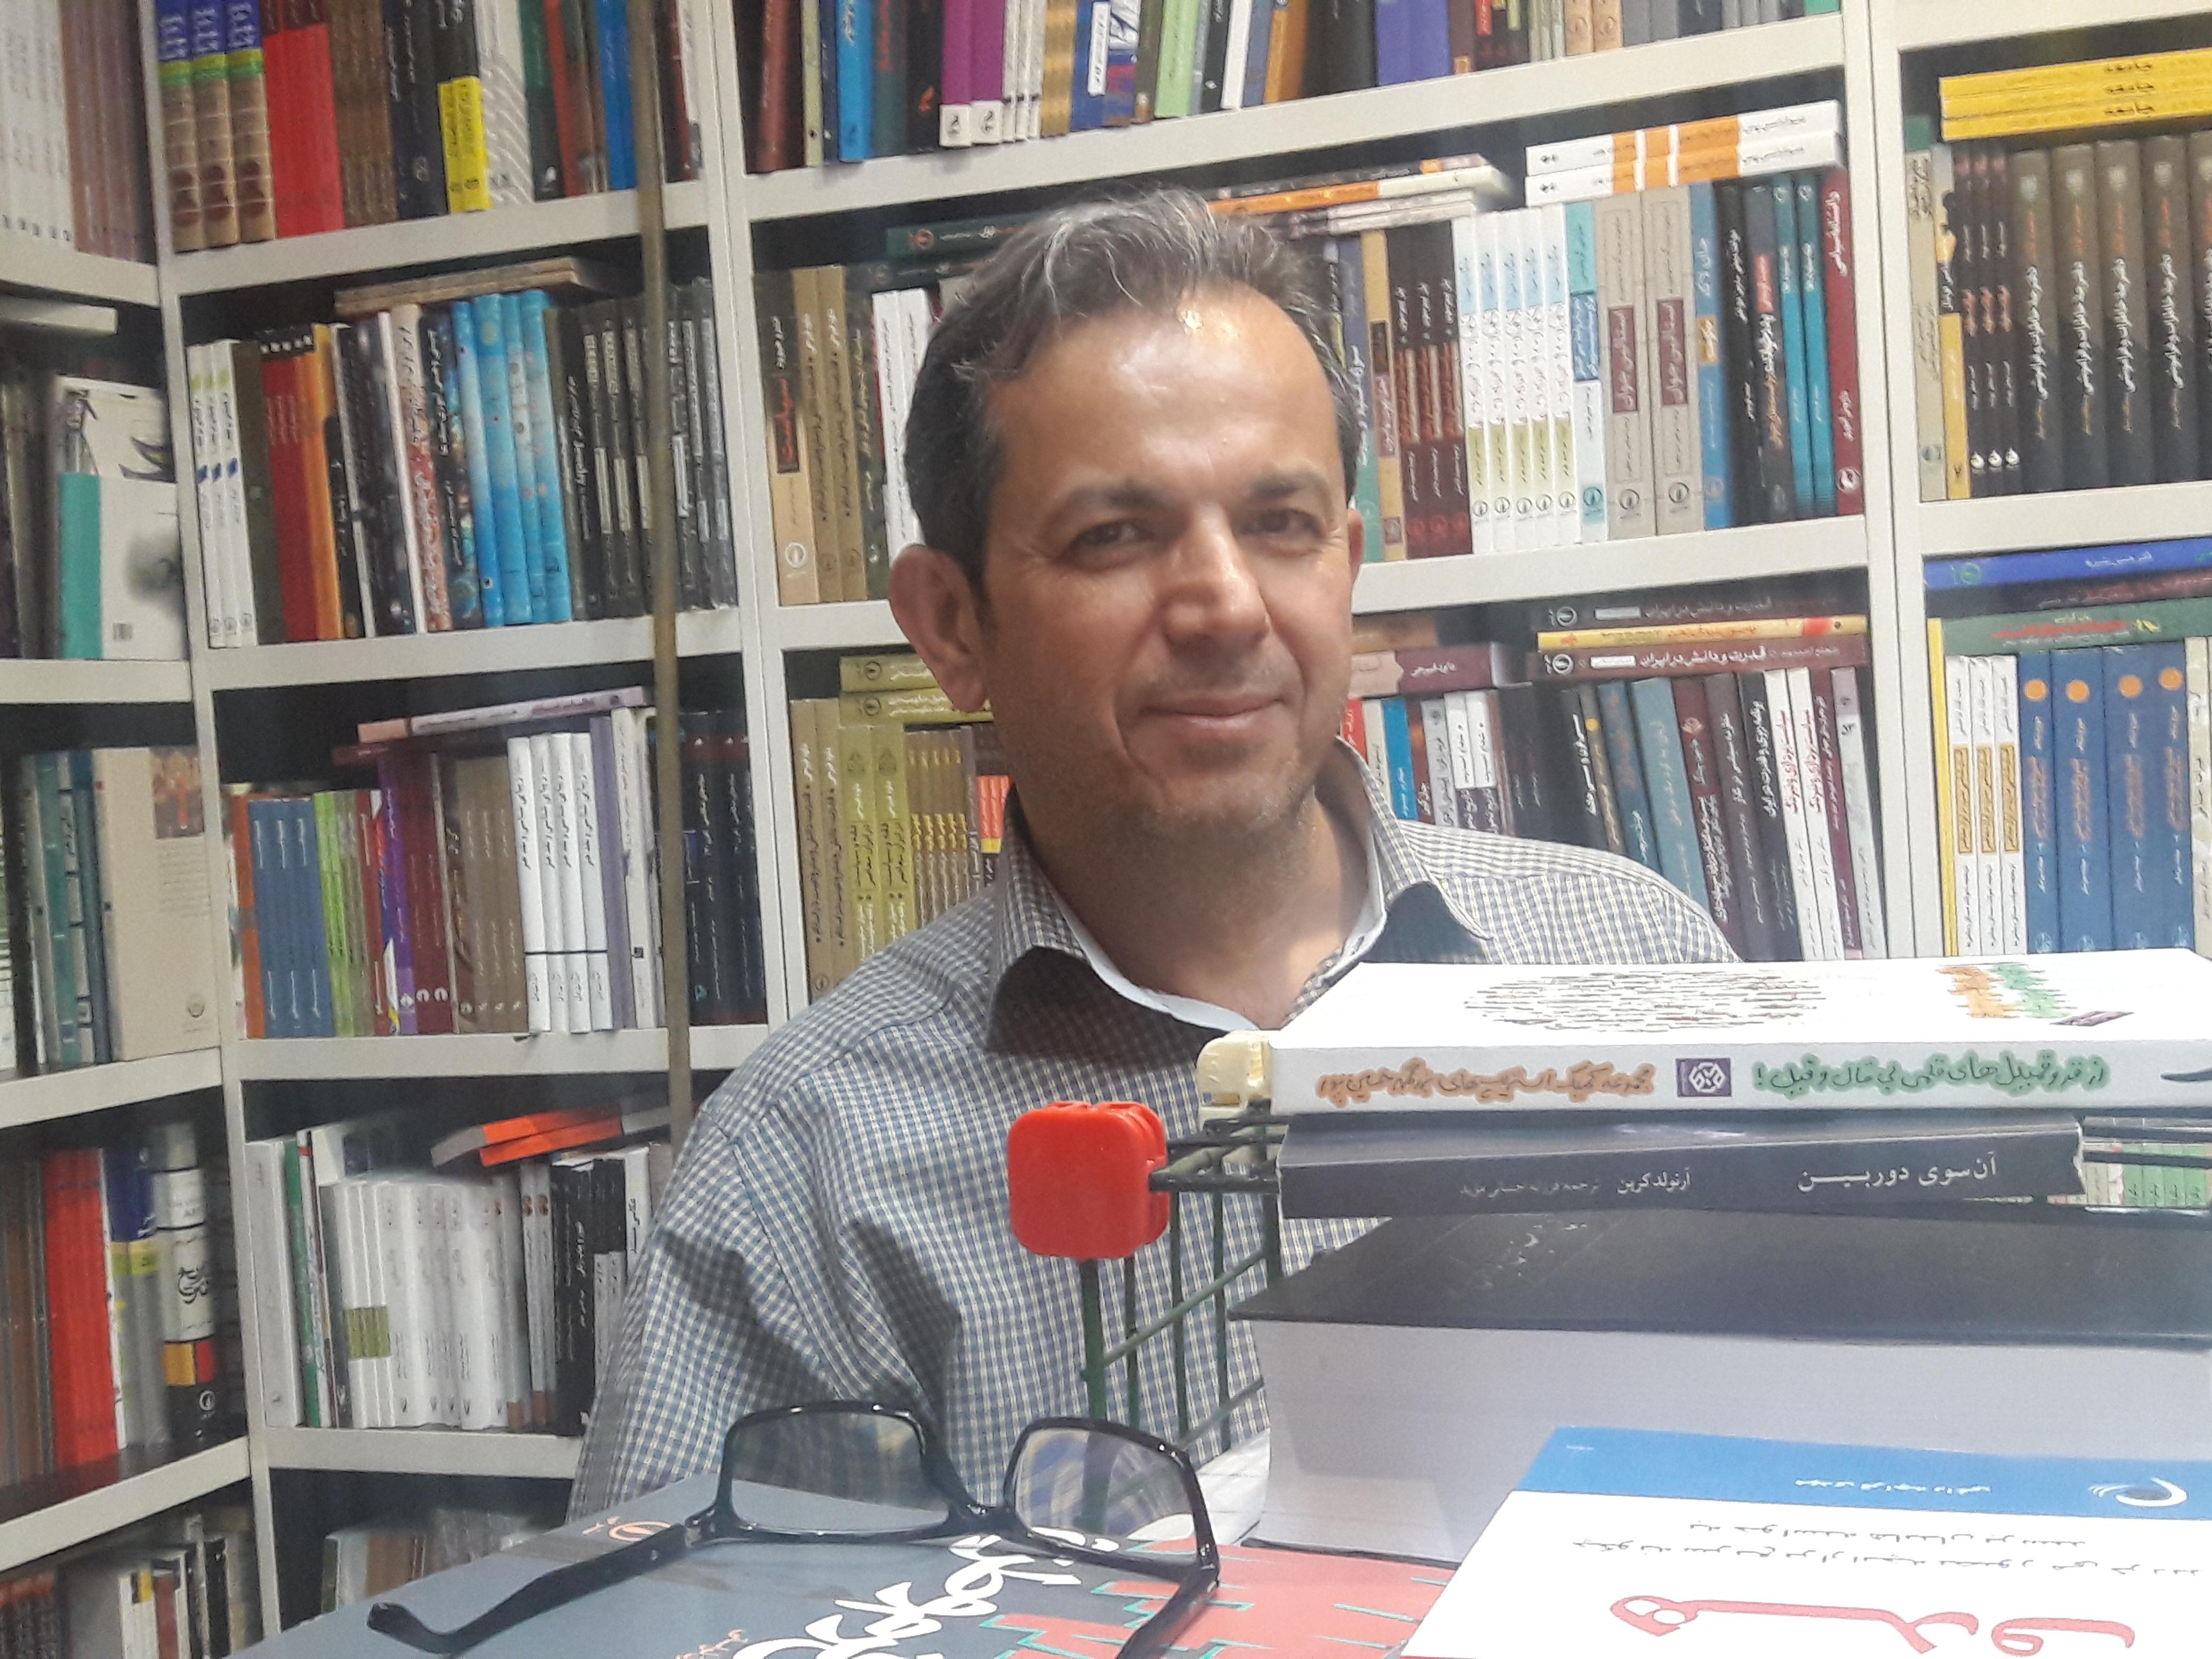 آقای اکبری-مسئول کتابفروشی خانه کتاب استان قم